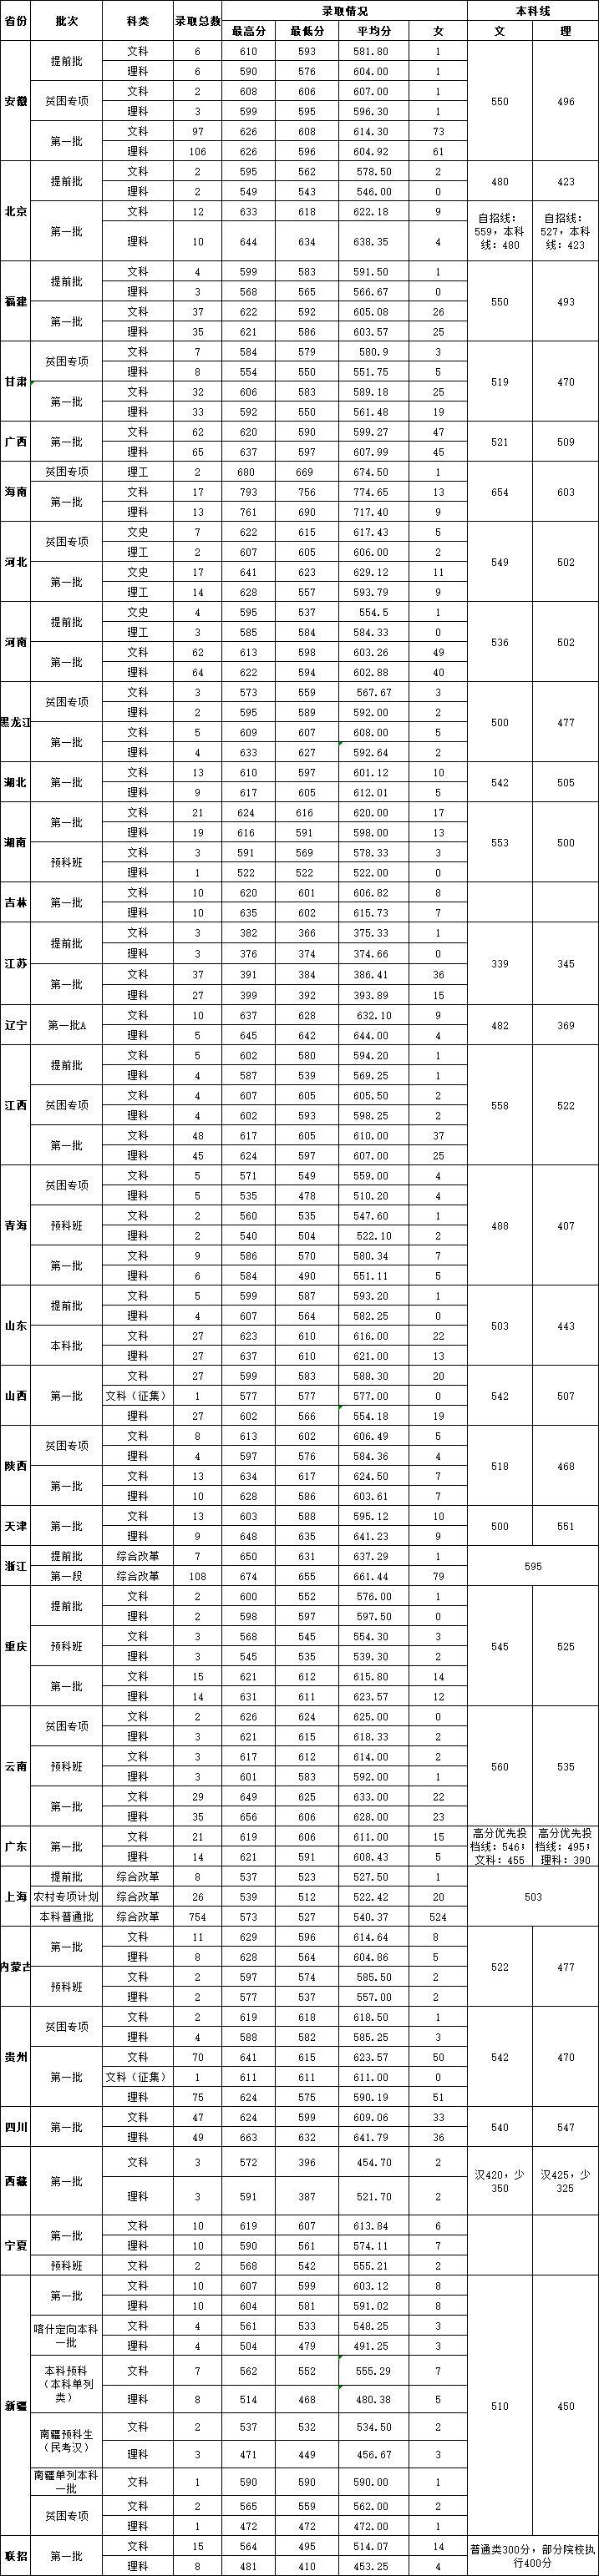 华东政法大学什么专业最好?要多少分才能考上?